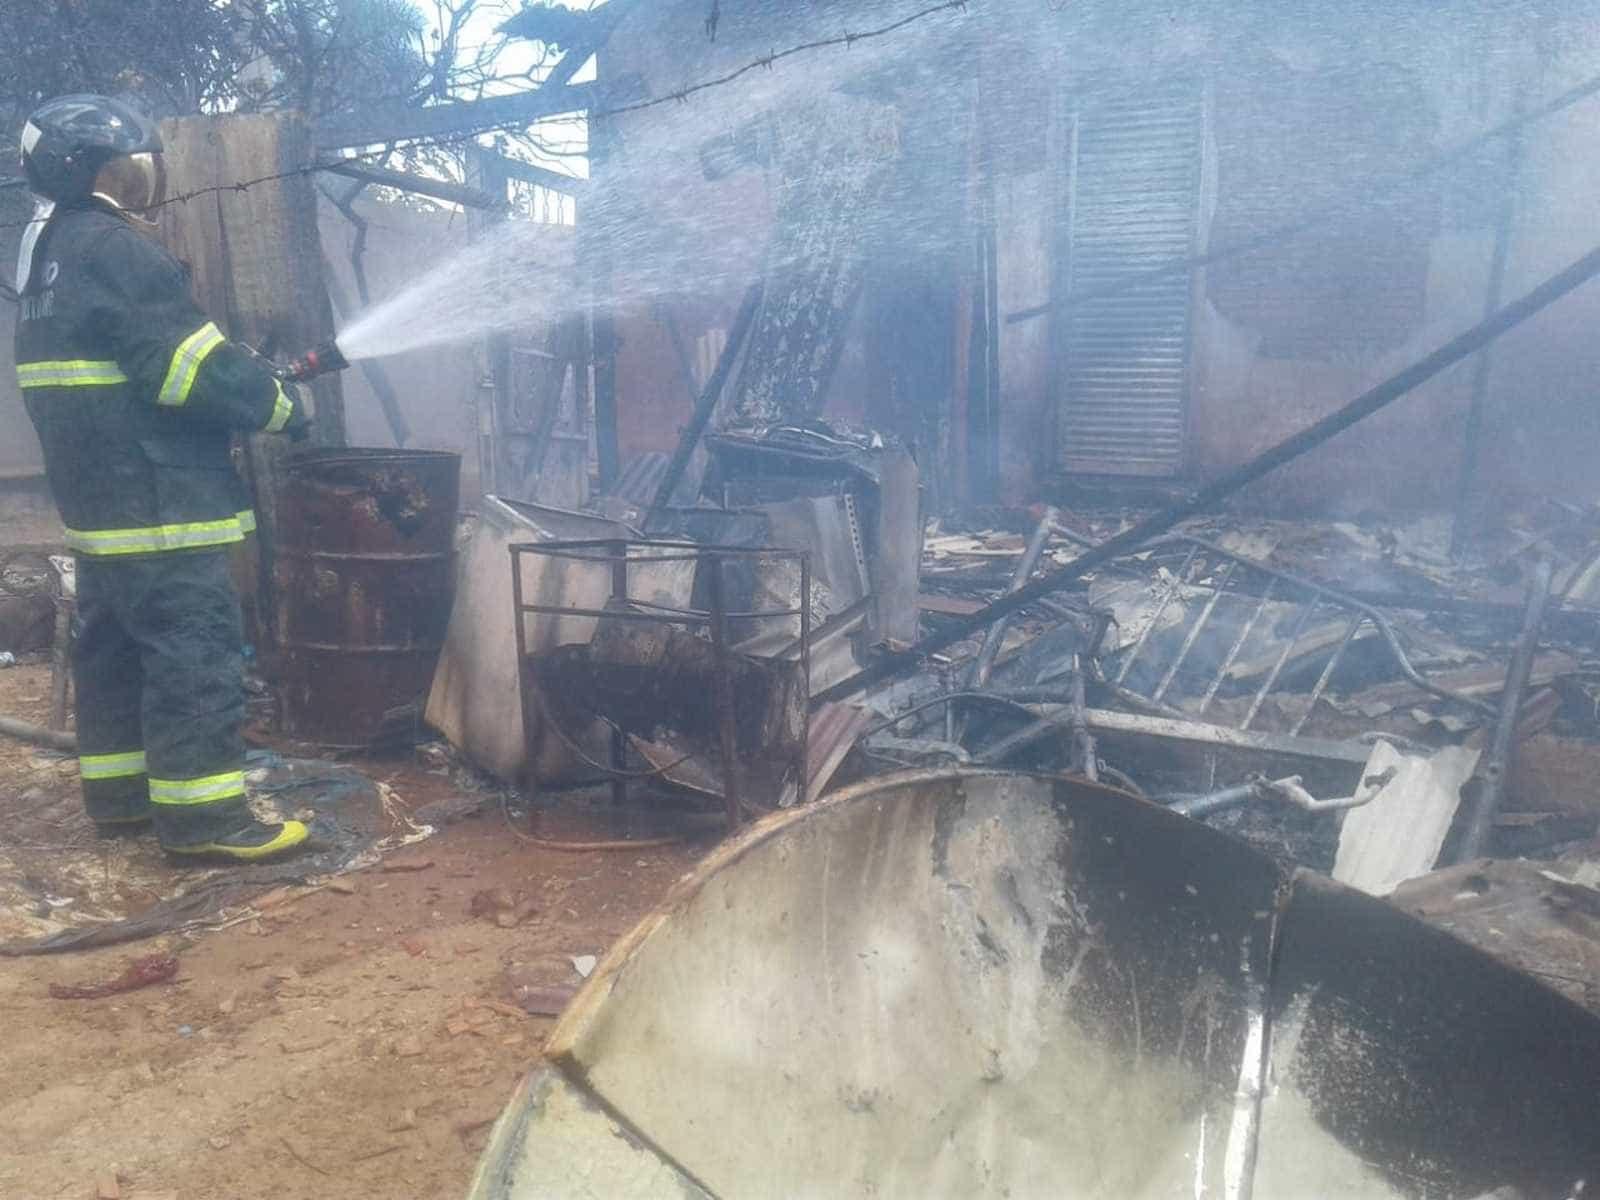 Menino de 5 anos provoca incêndio em casa ao brincar com fósforos